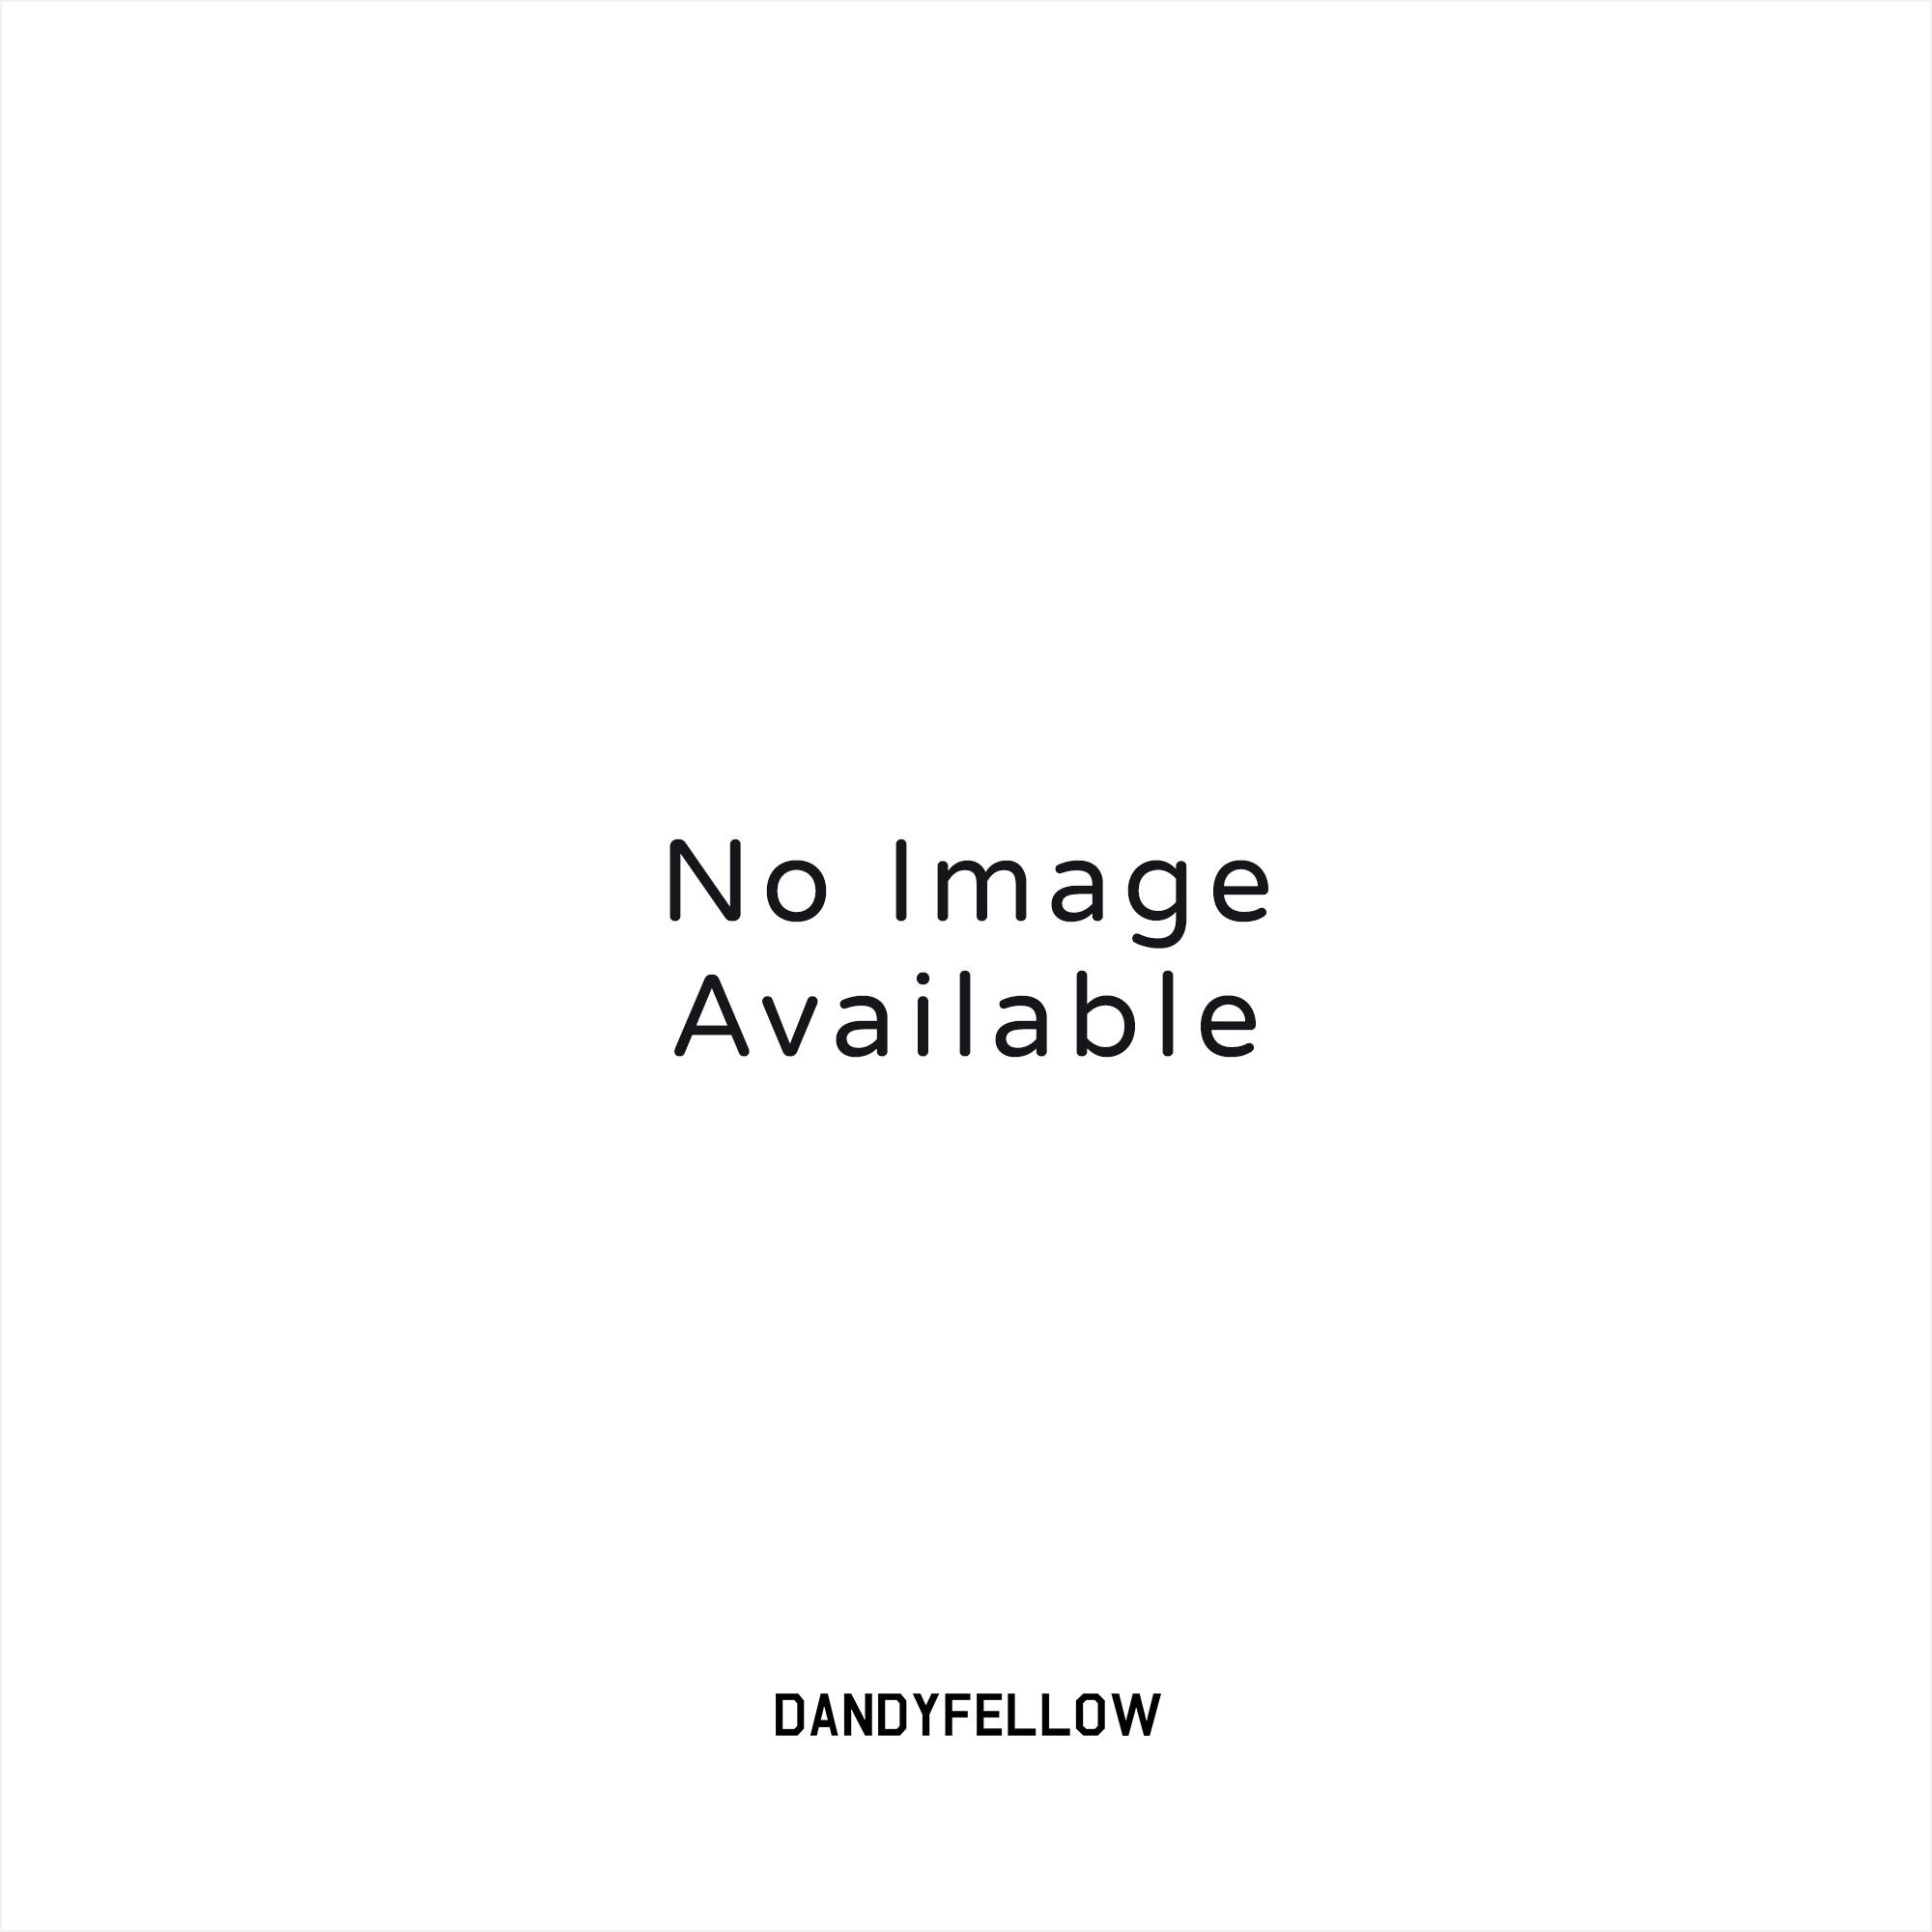 Realtree x Air Max 97 'Camo' Nike BV7461 001 GOAT